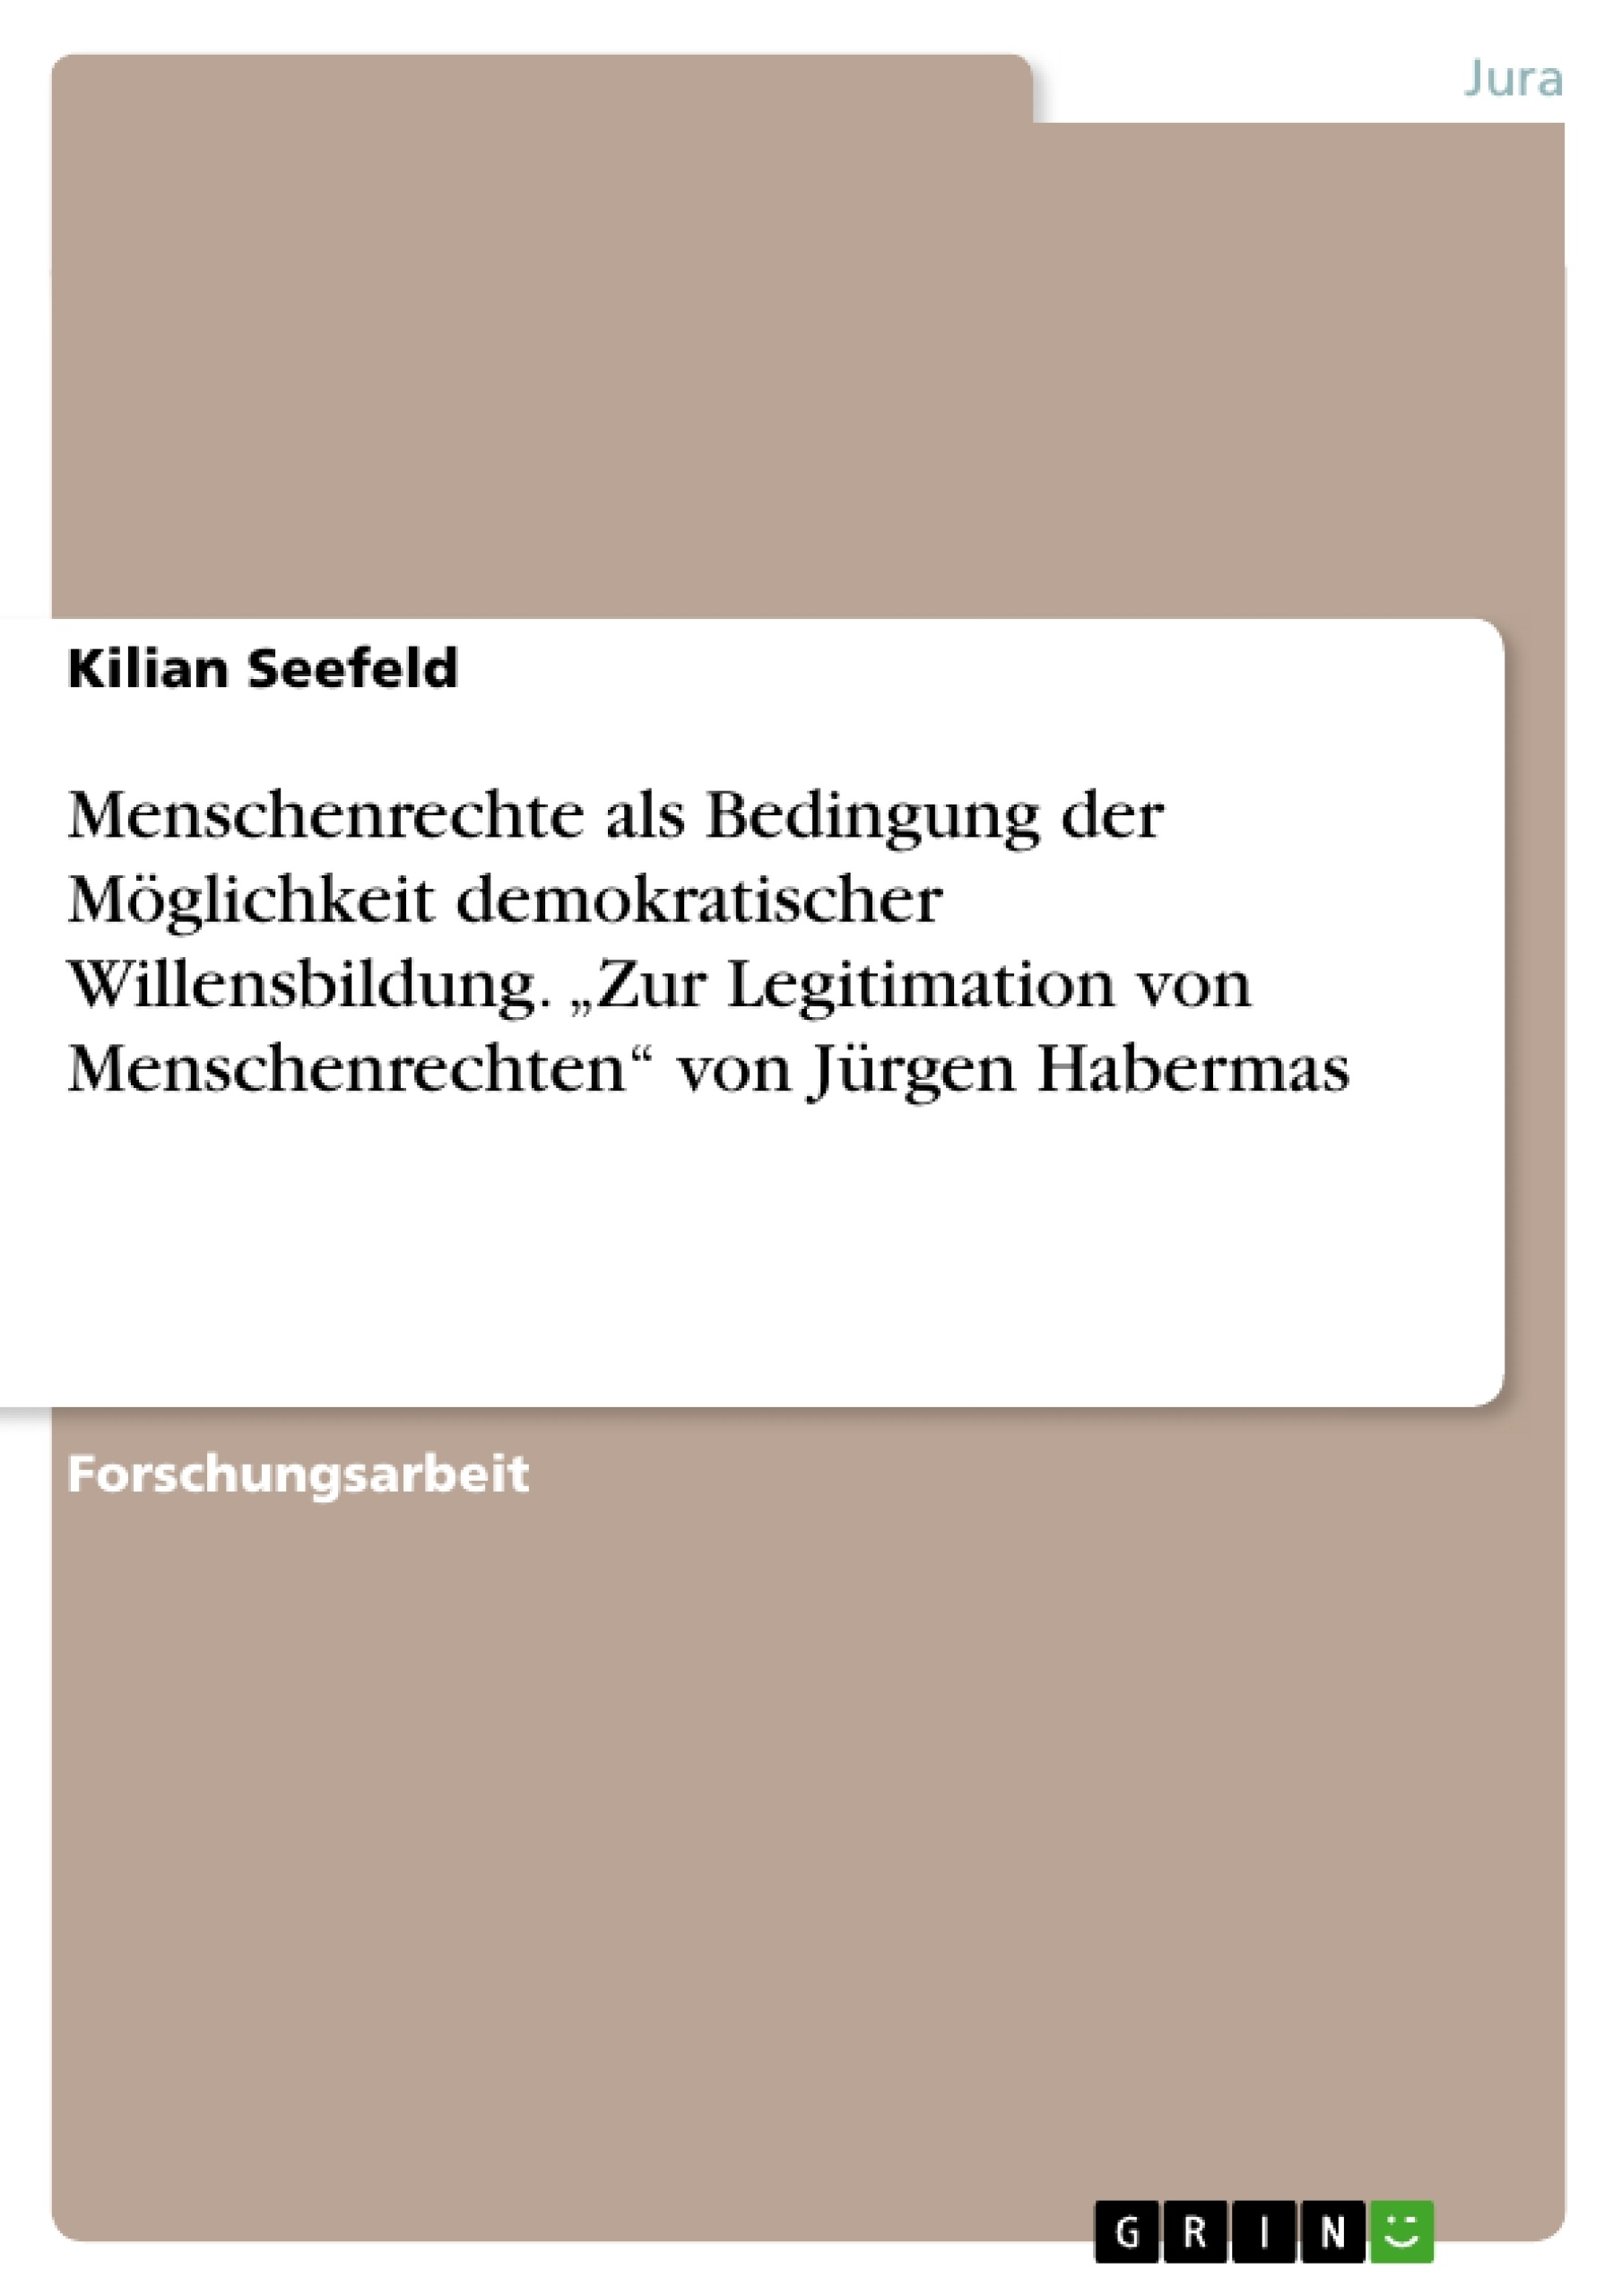 """Titel: Menschenrechte als Bedingung der Möglichkeit demokratischer Willensbildung. """"Zur Legitimation von Menschenrechten"""" von Jürgen Habermas"""